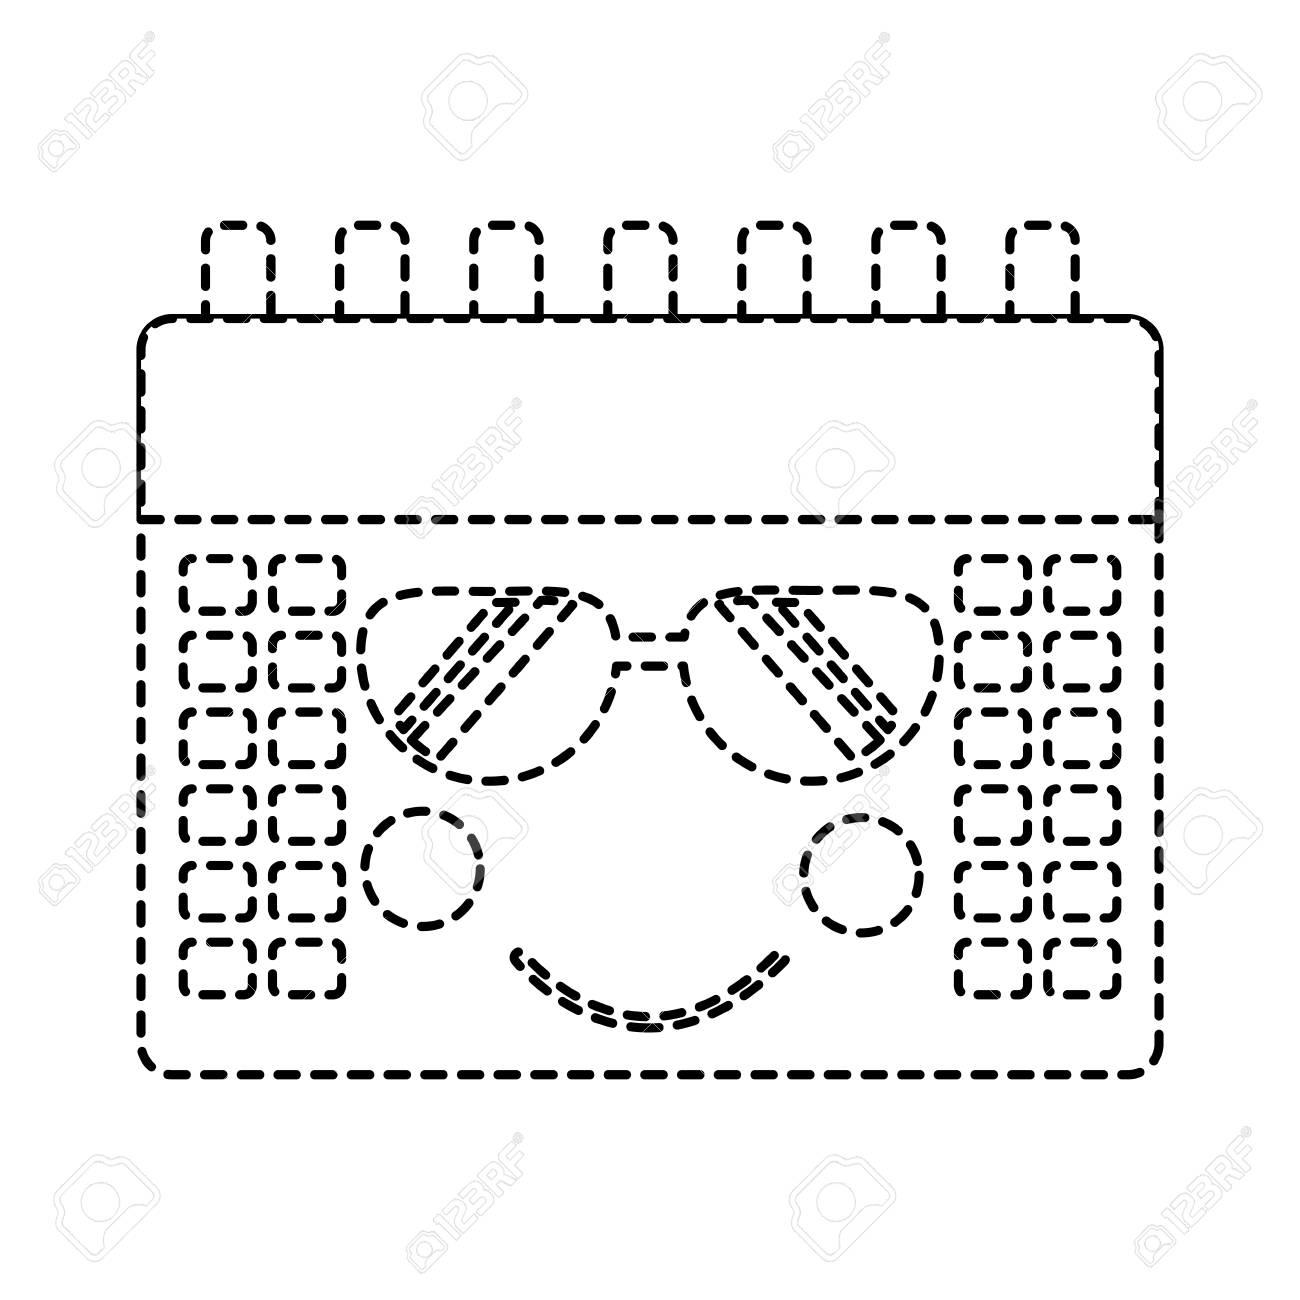 Calendrier Soleil.Calendrier Evenement Mignon Lunettes De Soleil Kawaii Dessin Anime Illustration Vecteur Design